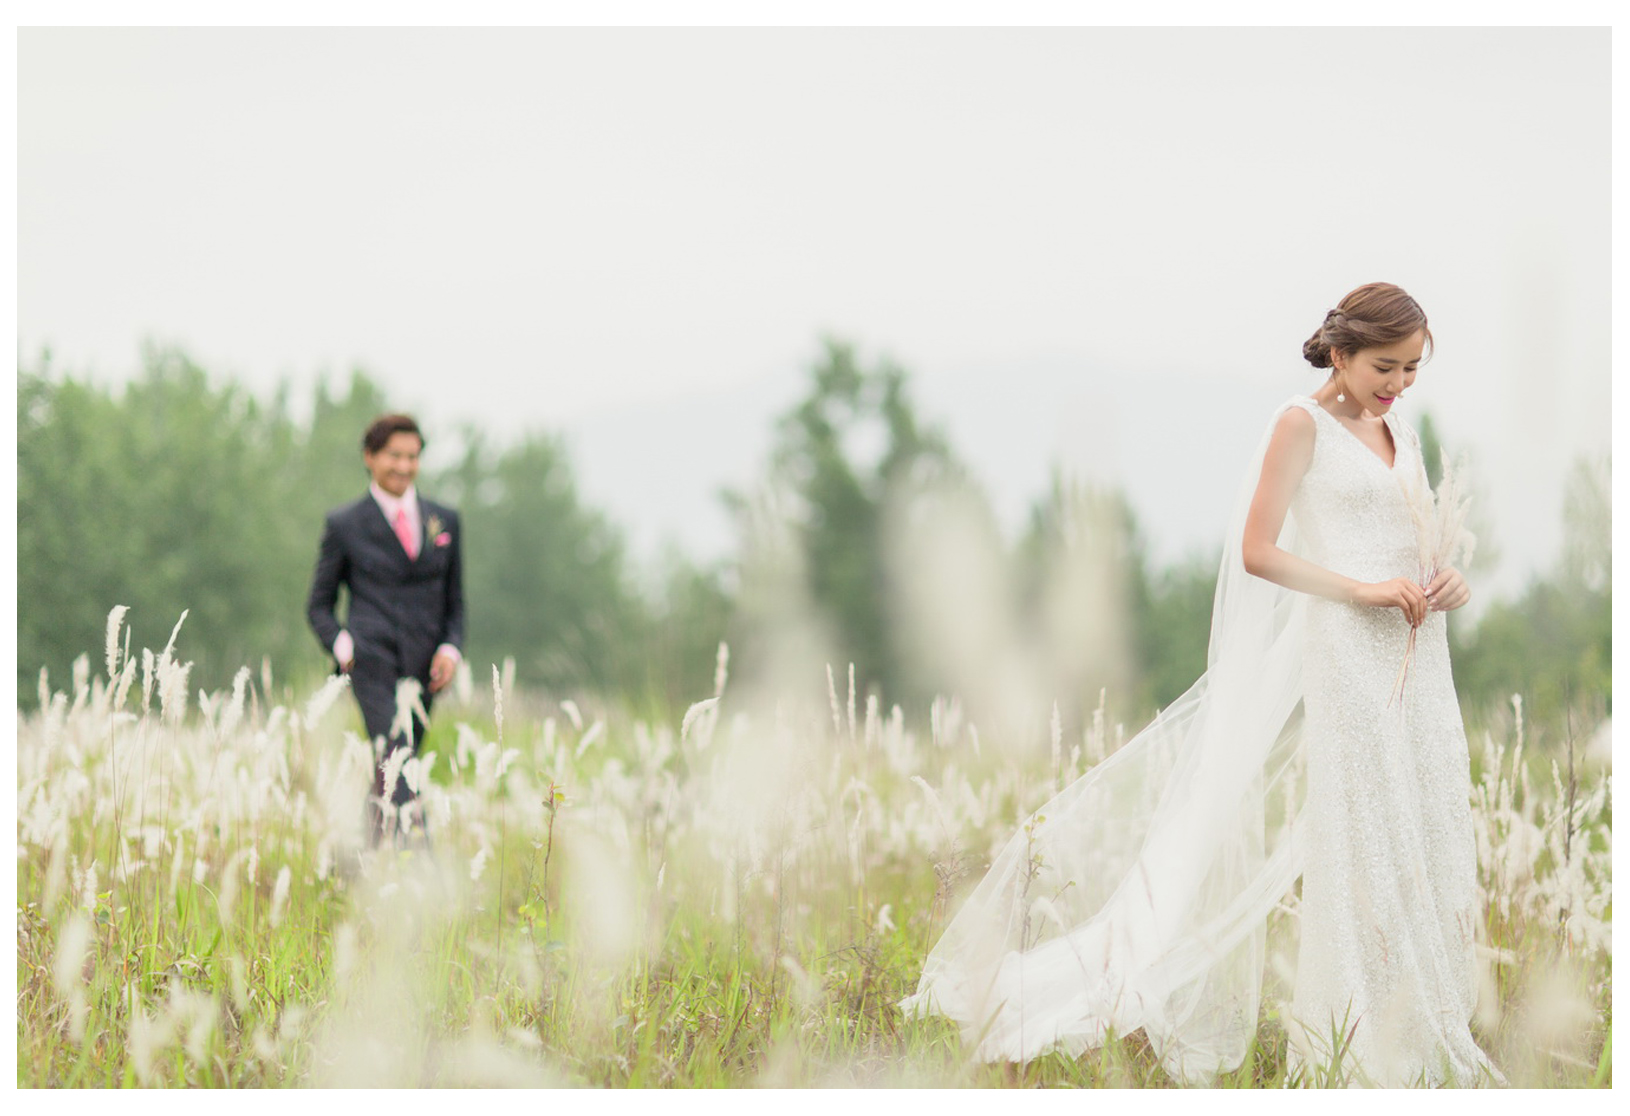 沈阳时尚经典婚纱摄影 梦的轨迹